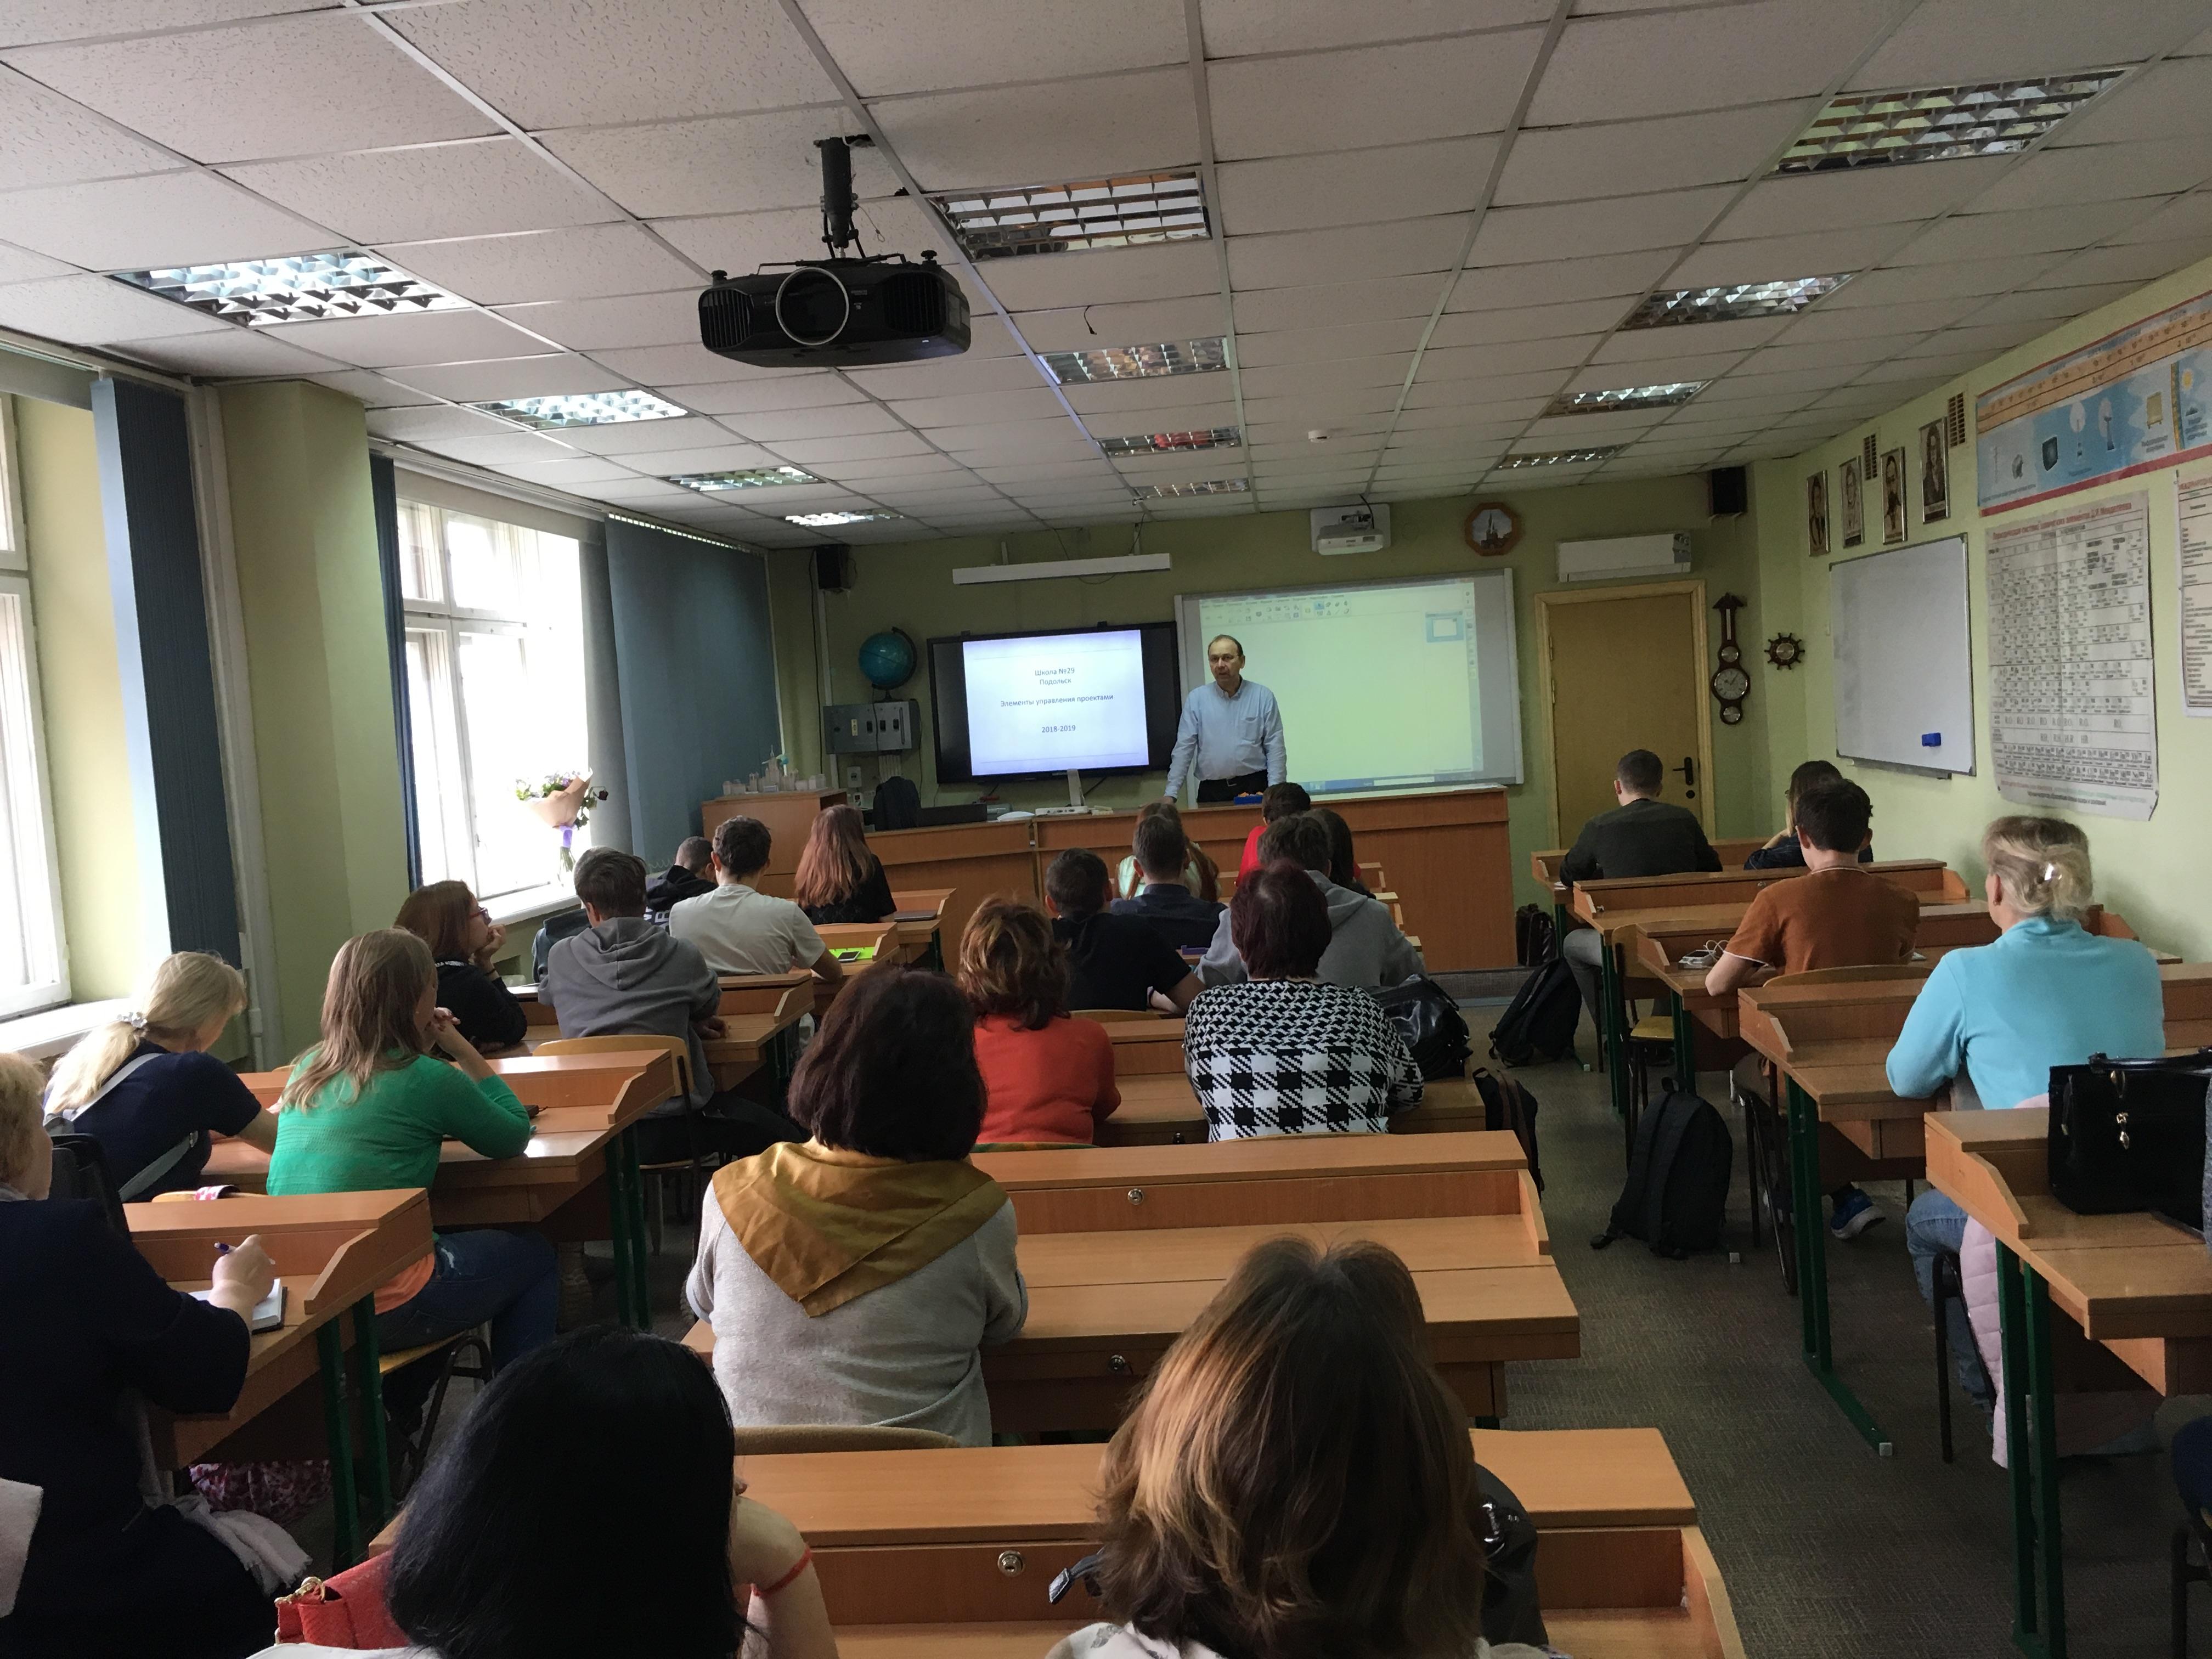 Лекция по курсу Управление проектами для нженерного класса